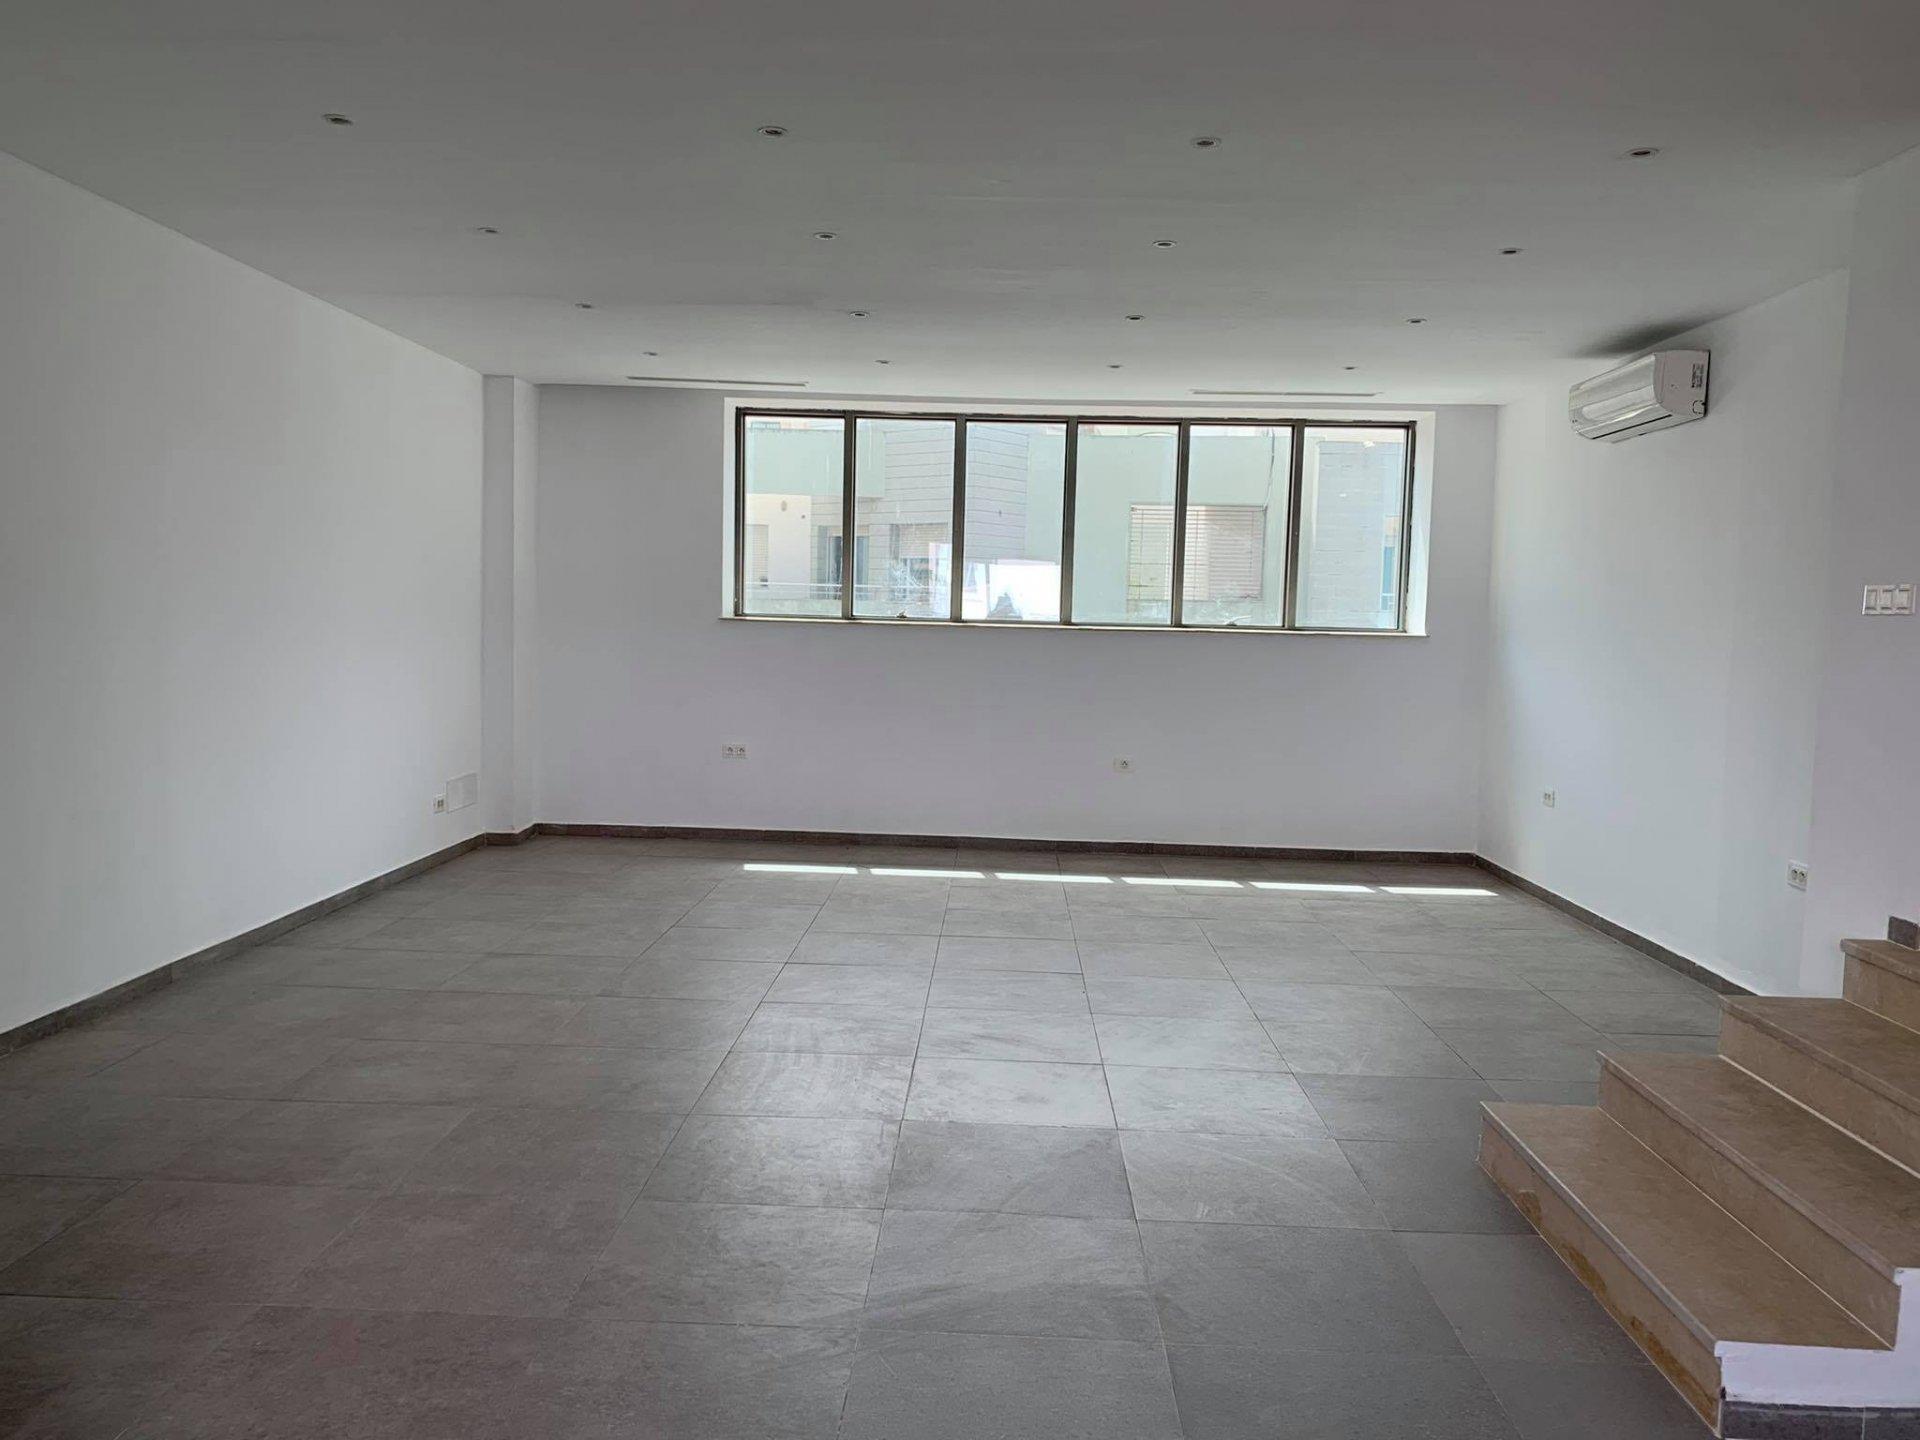 Location Bureau de 55m² en open space au Lac 1.